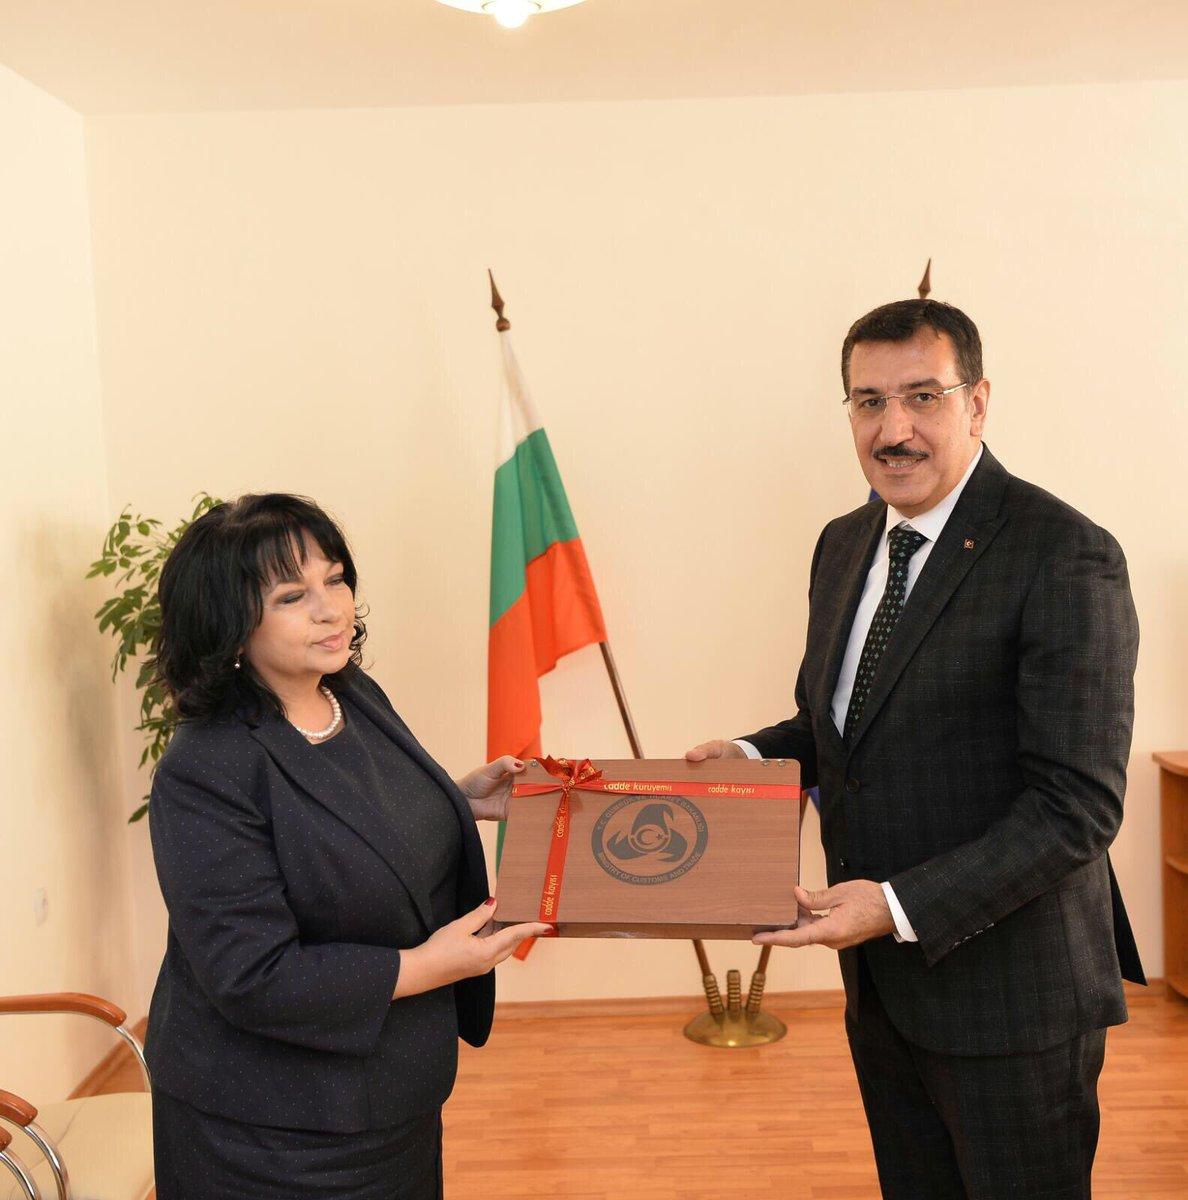 Gümrük ve Ticaret Bakanı Tüfenkci Bulgaristan'da - Sofya ile ilgili görsel sonucu